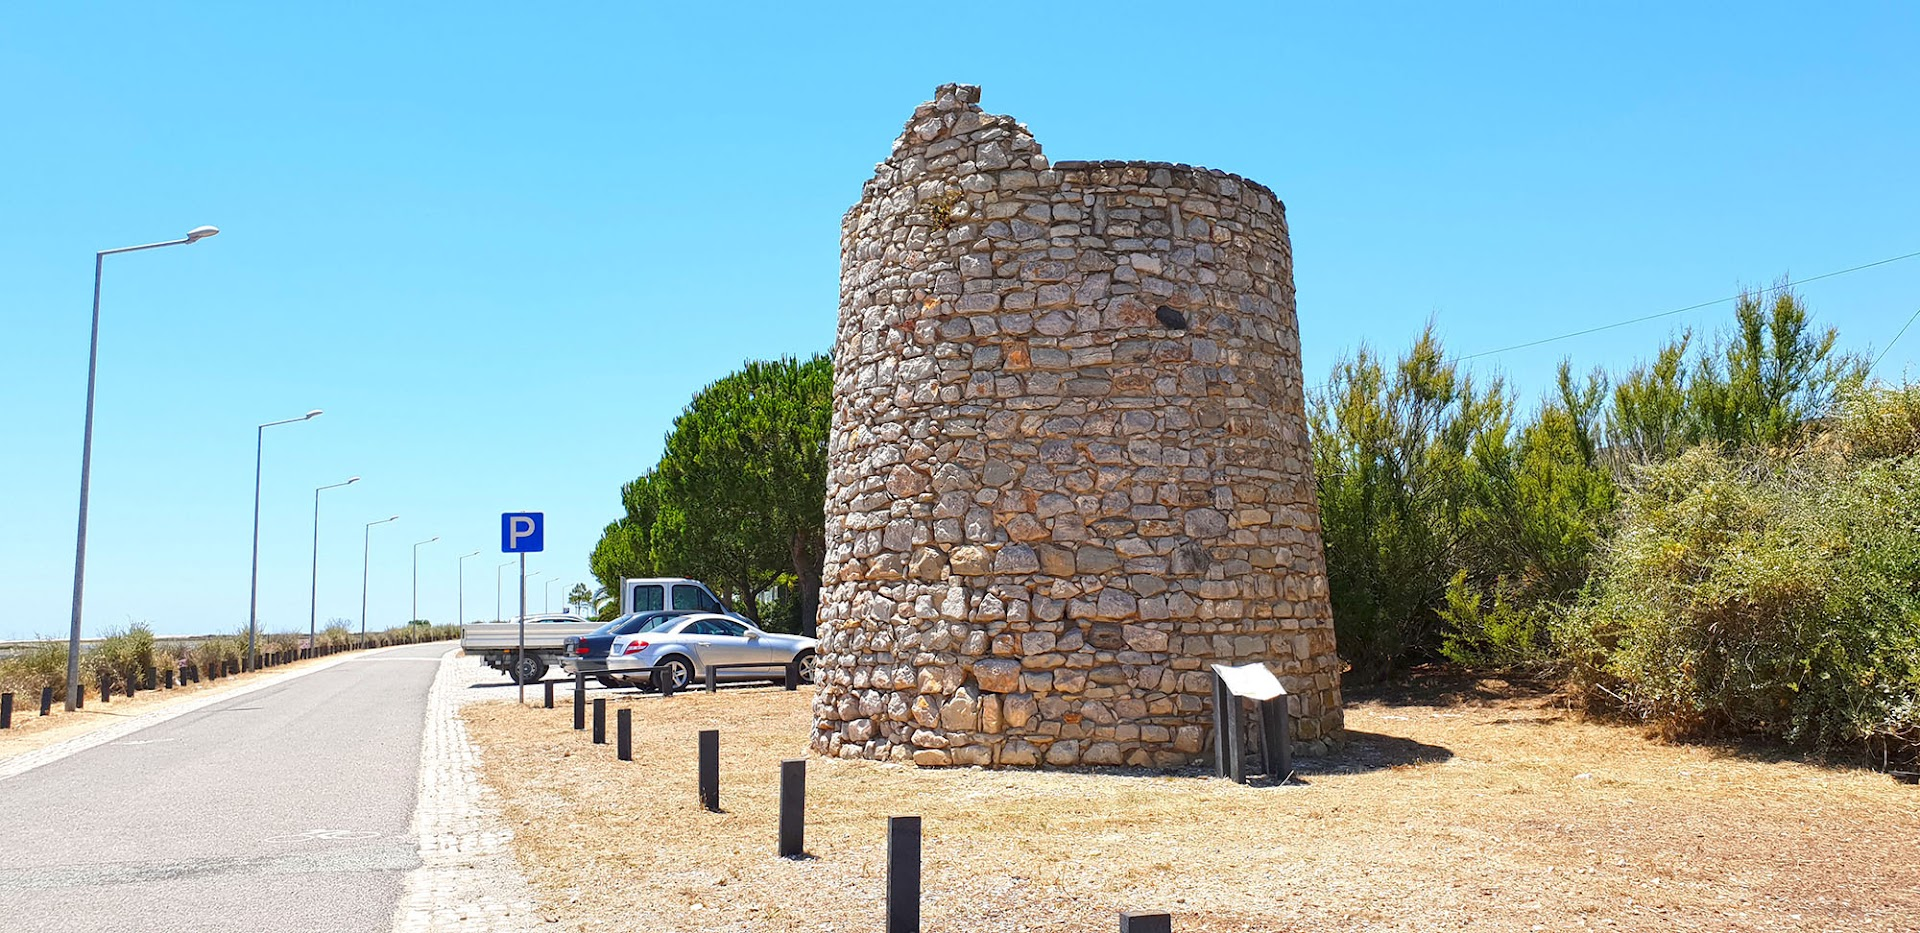 Visitar OLHÃO e a PRAIA DA FUZETA, o que ver e fazer desde a ilha da Culatra, Farol e Armona até à Fuzeta, o nosso recanto preferido do Algarve